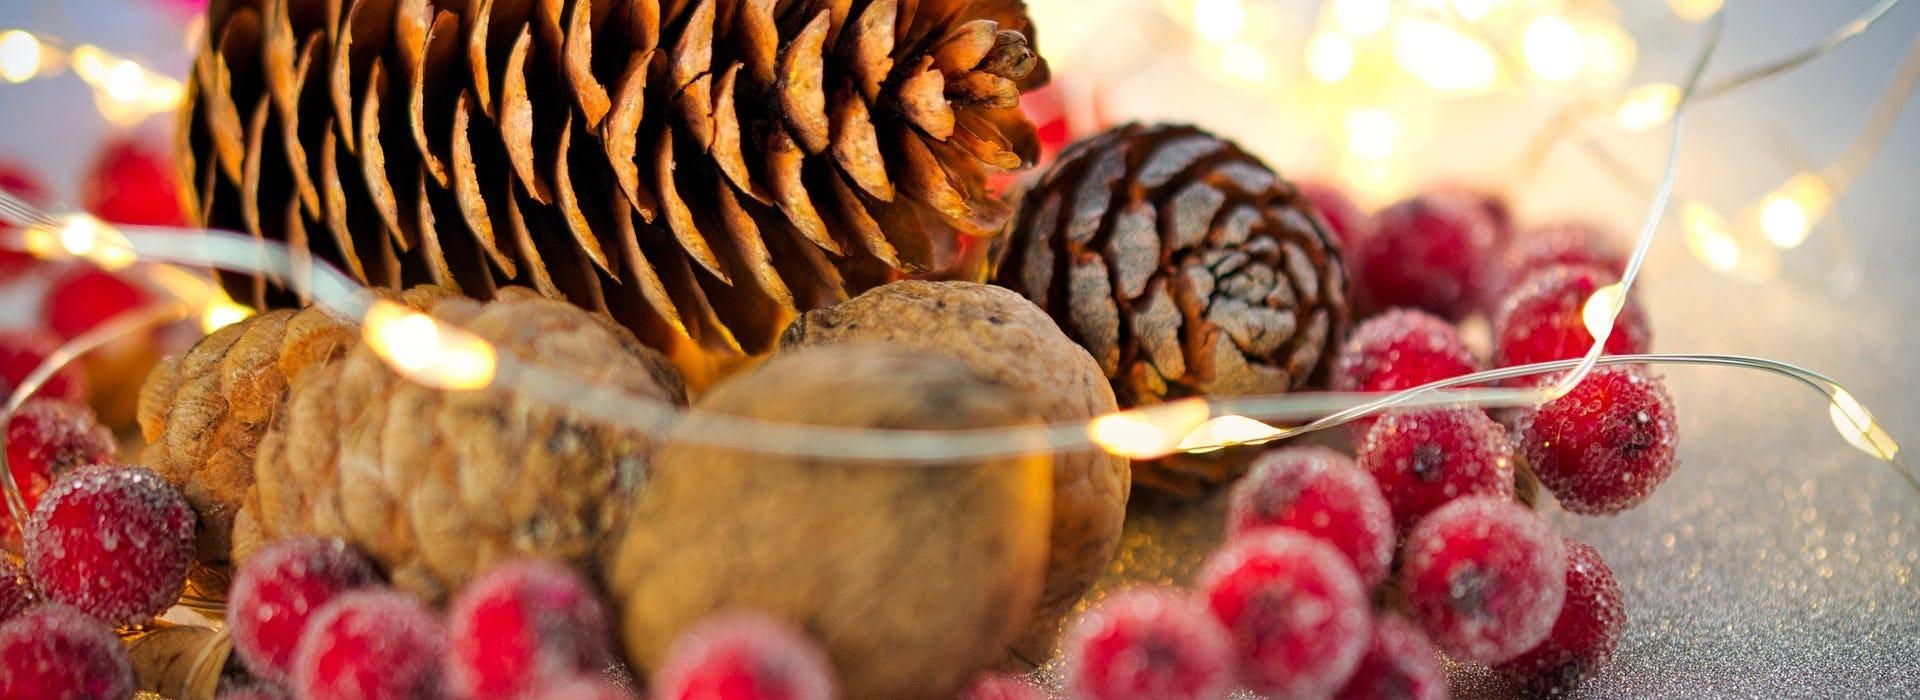 Weihnachtsdeko Ramsauer Carreisen